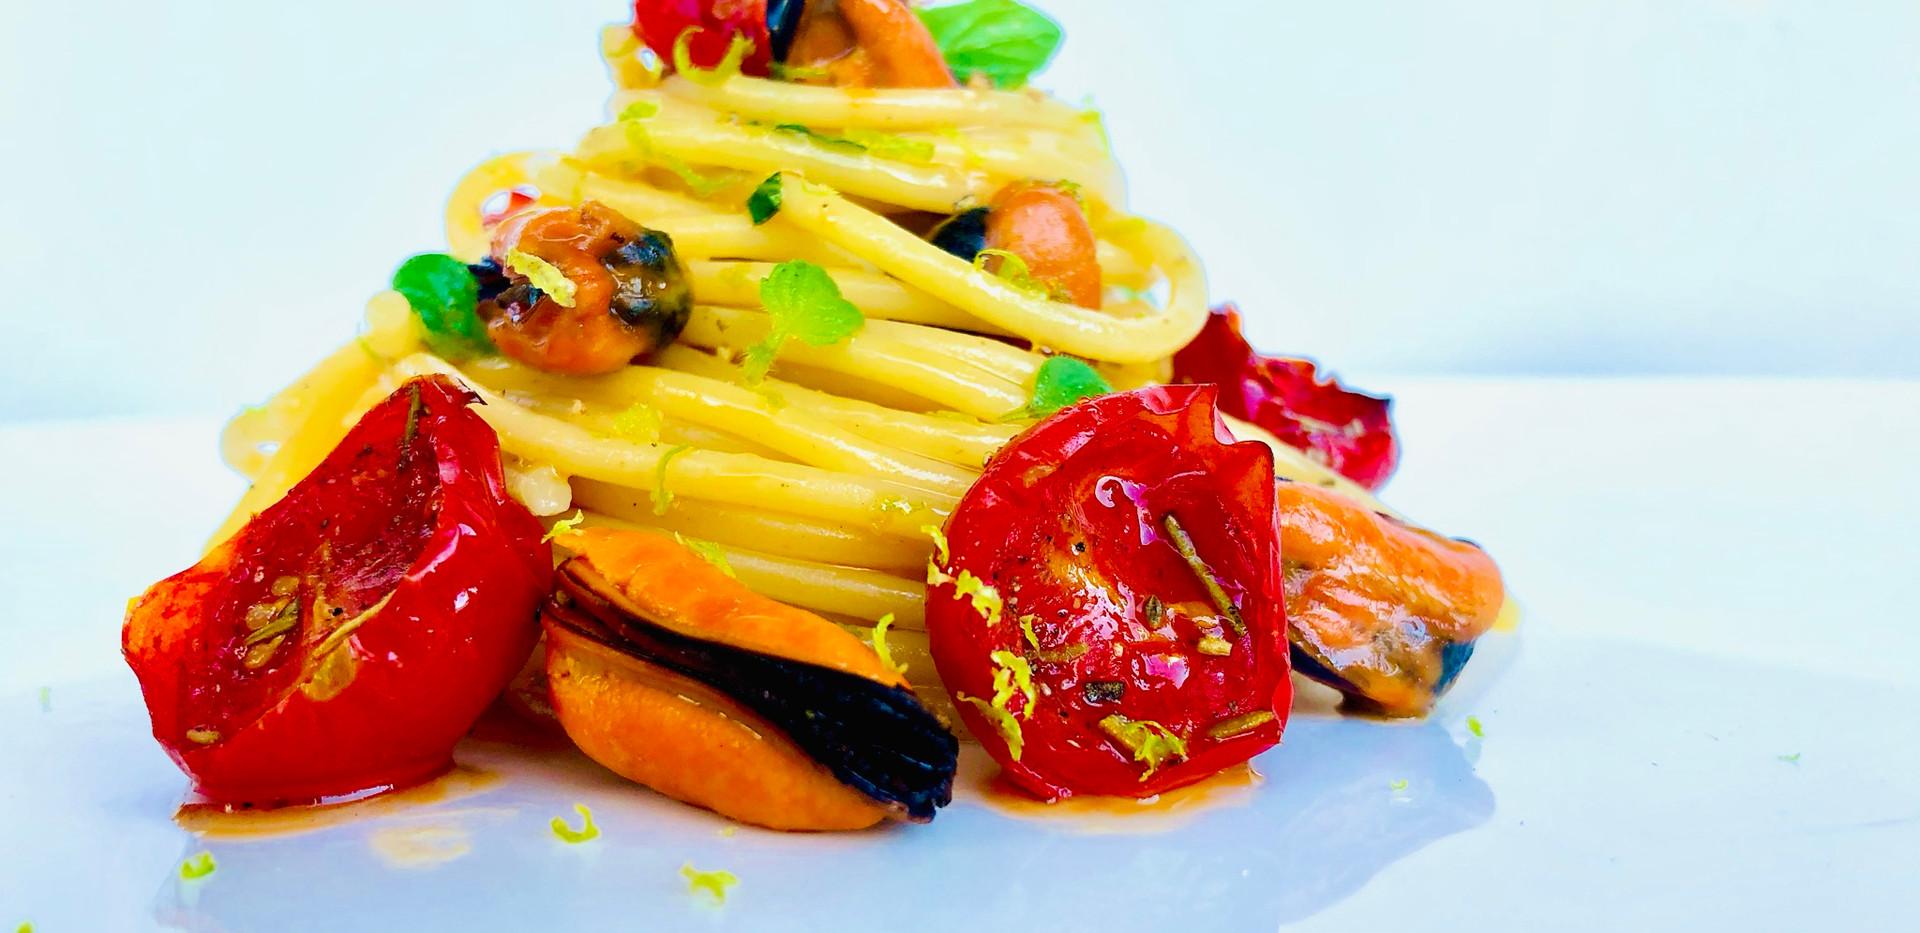 Spaghetti risottati con cozze e limone candito, pomodorini confit, lime e mentuccia